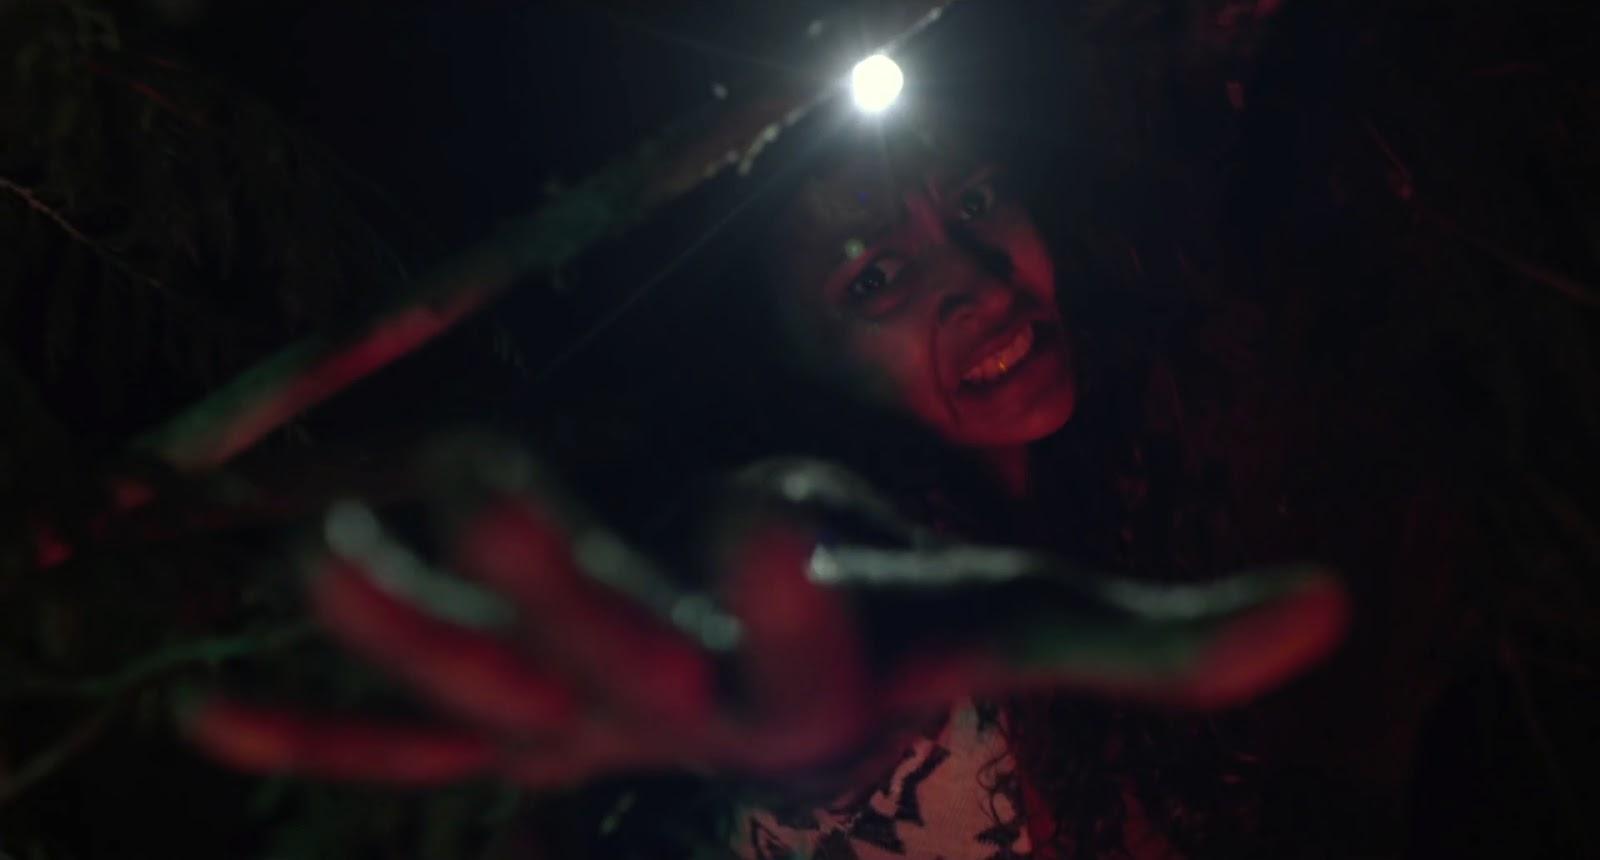 """Trailer inédito da sequência de """"A Bruxa de Blair"""" é horripilante"""